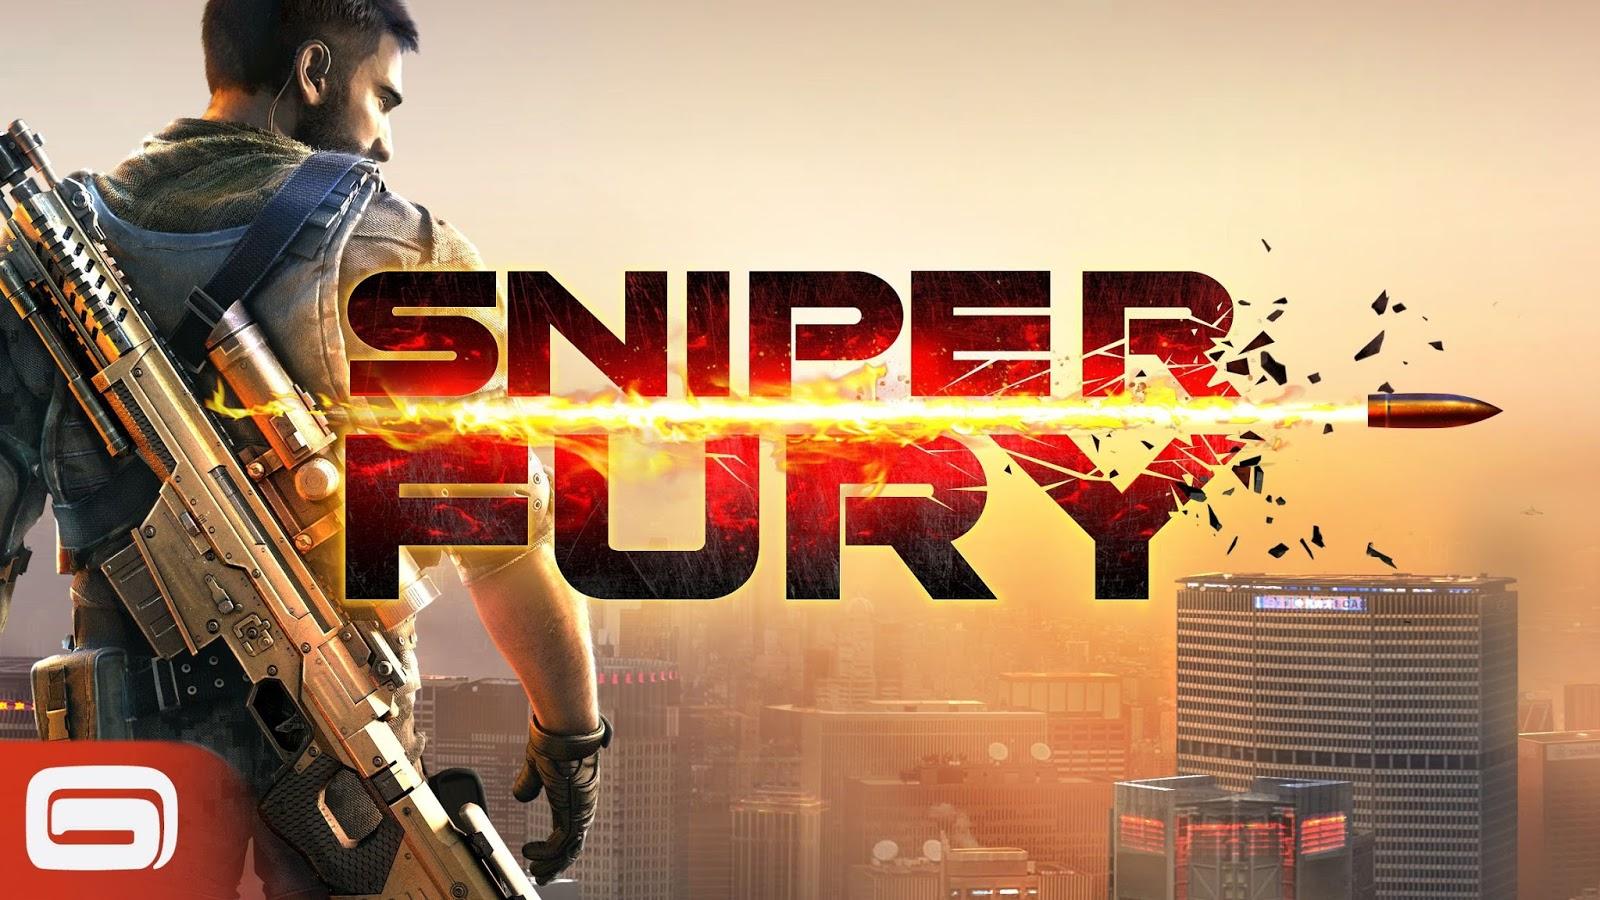 Sniper Fury mod , Sniper Fury تحميل ، Sniper Fury مهكرة ، Sniper Fury مهكره ، Sniper Fury اخر اصدار ، لعبة Sniper Fury مهكرة اخر اصدار ،Sniper Fury مهكرة اخر اصدار